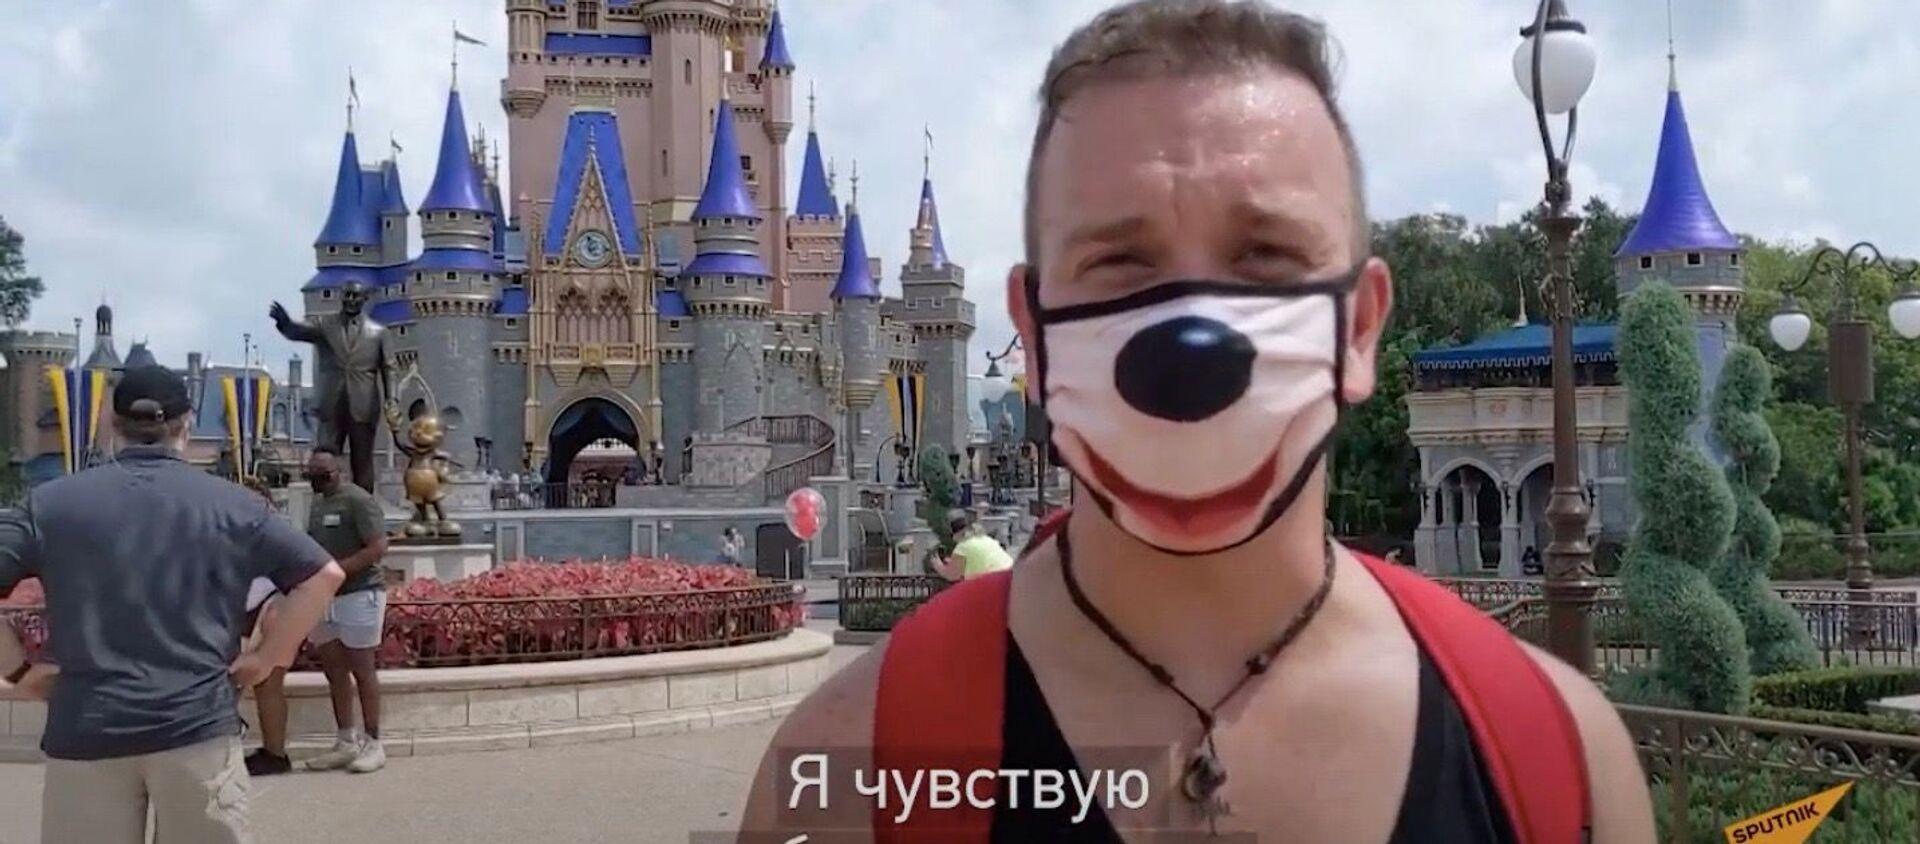 Микки-маски и море антисептика: Диснейленд открылся в США в пандемию - Sputnik Таджикистан, 1920, 19.07.2020